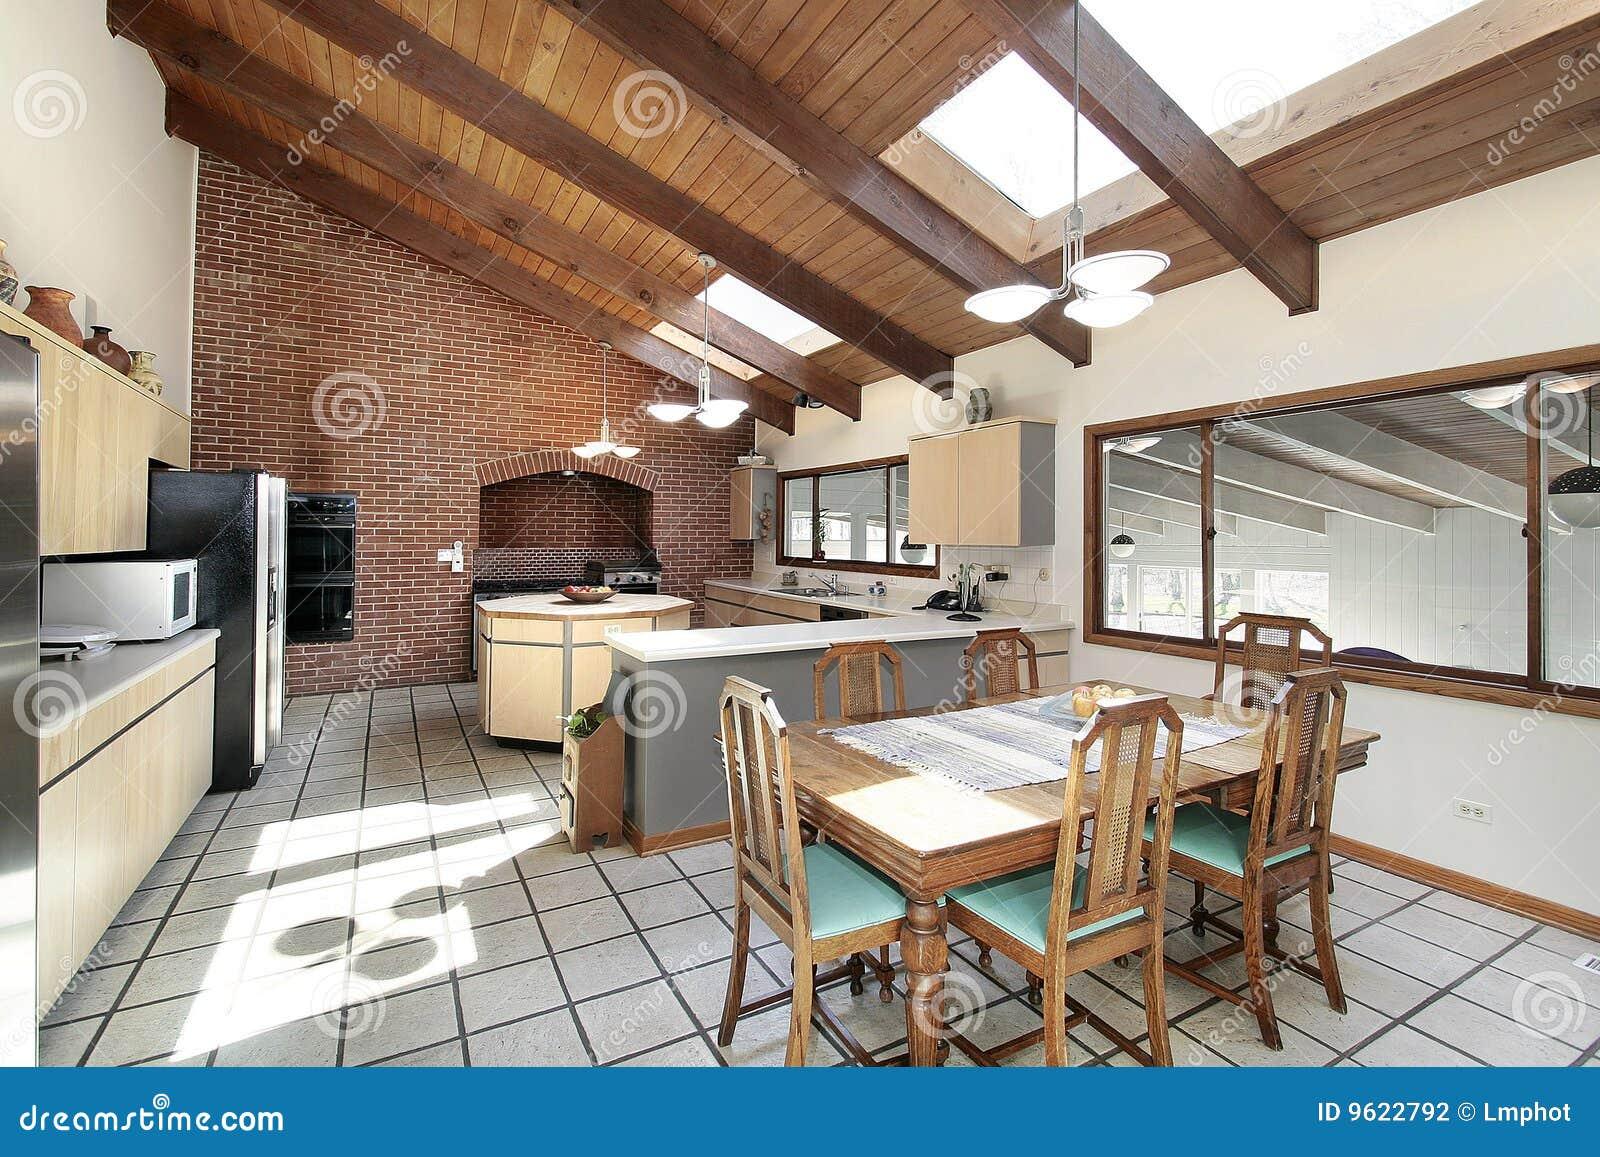 Soffitti In Legno Design : Soffitto in legno un opzione che abbina tradizione e innovazione